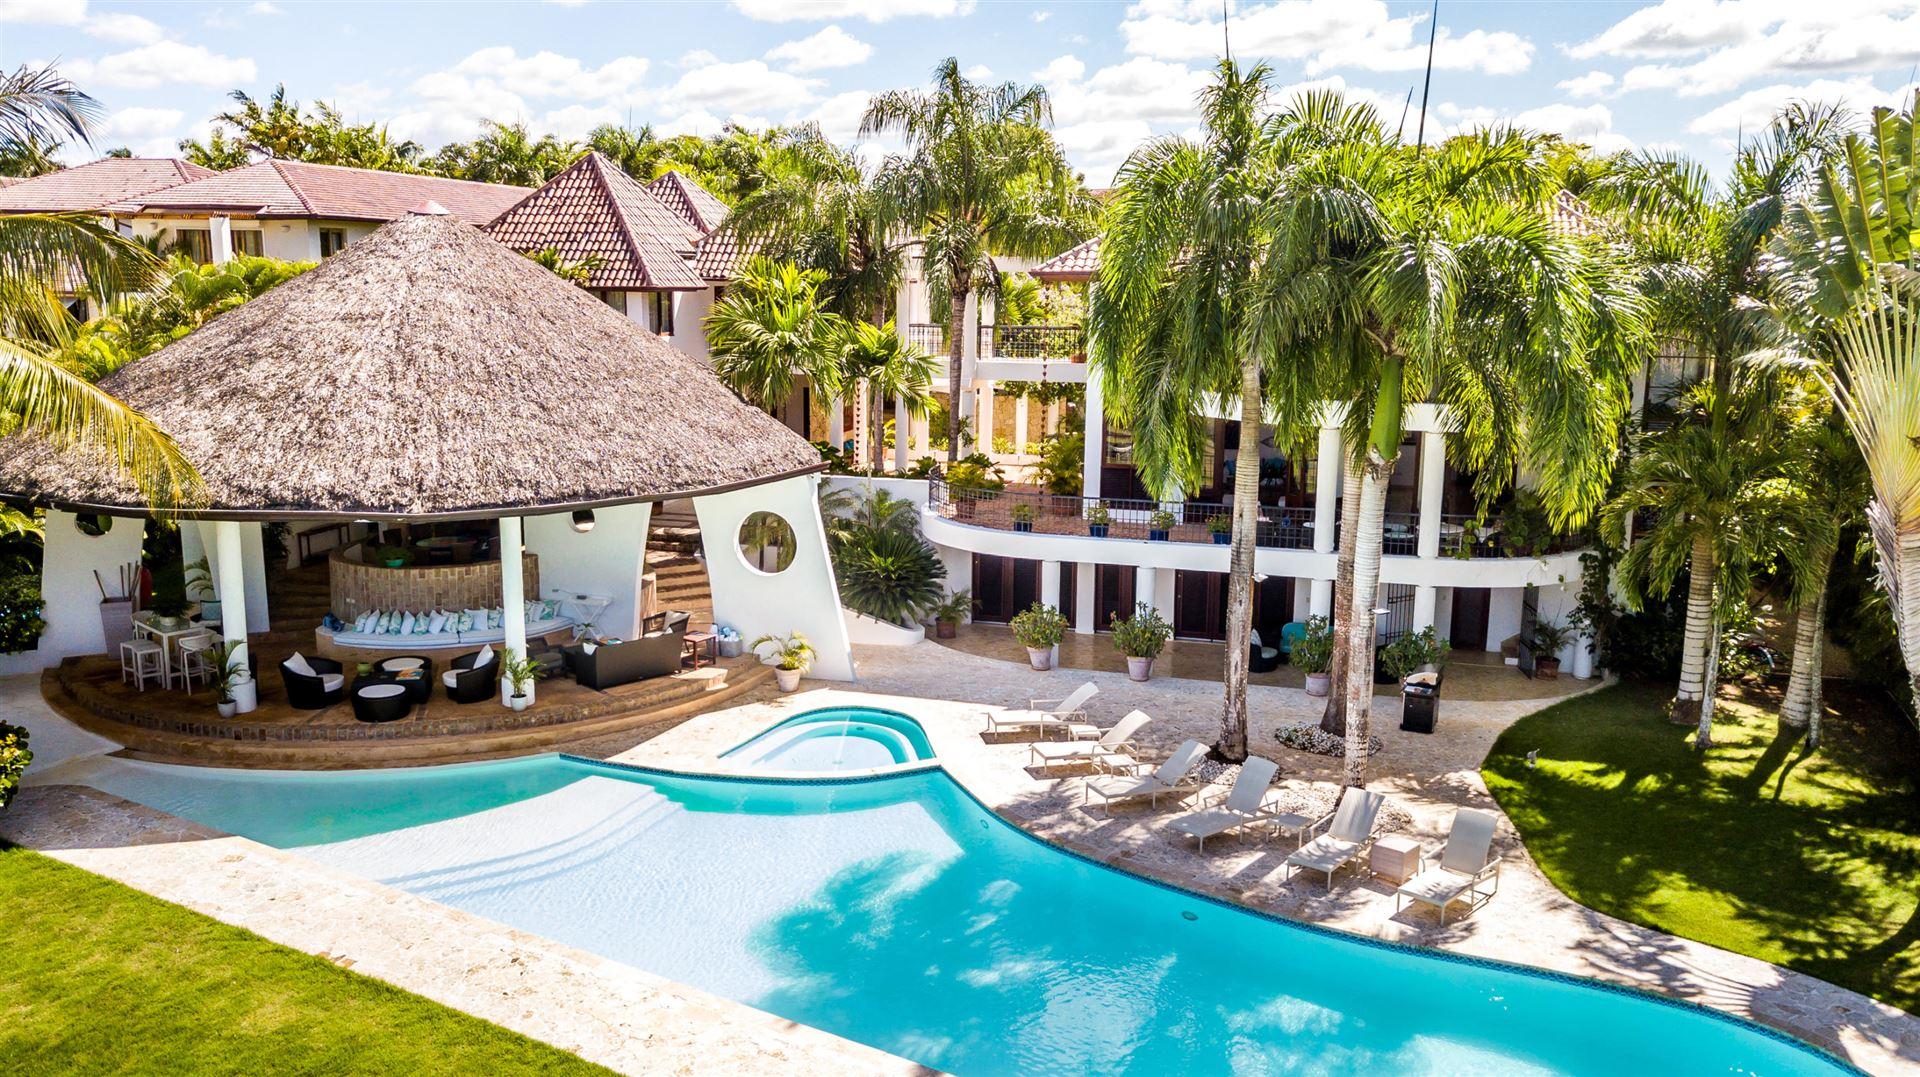 5 Las Lomas, Casa de Campo,  22000 - MLS#: RX-10682025